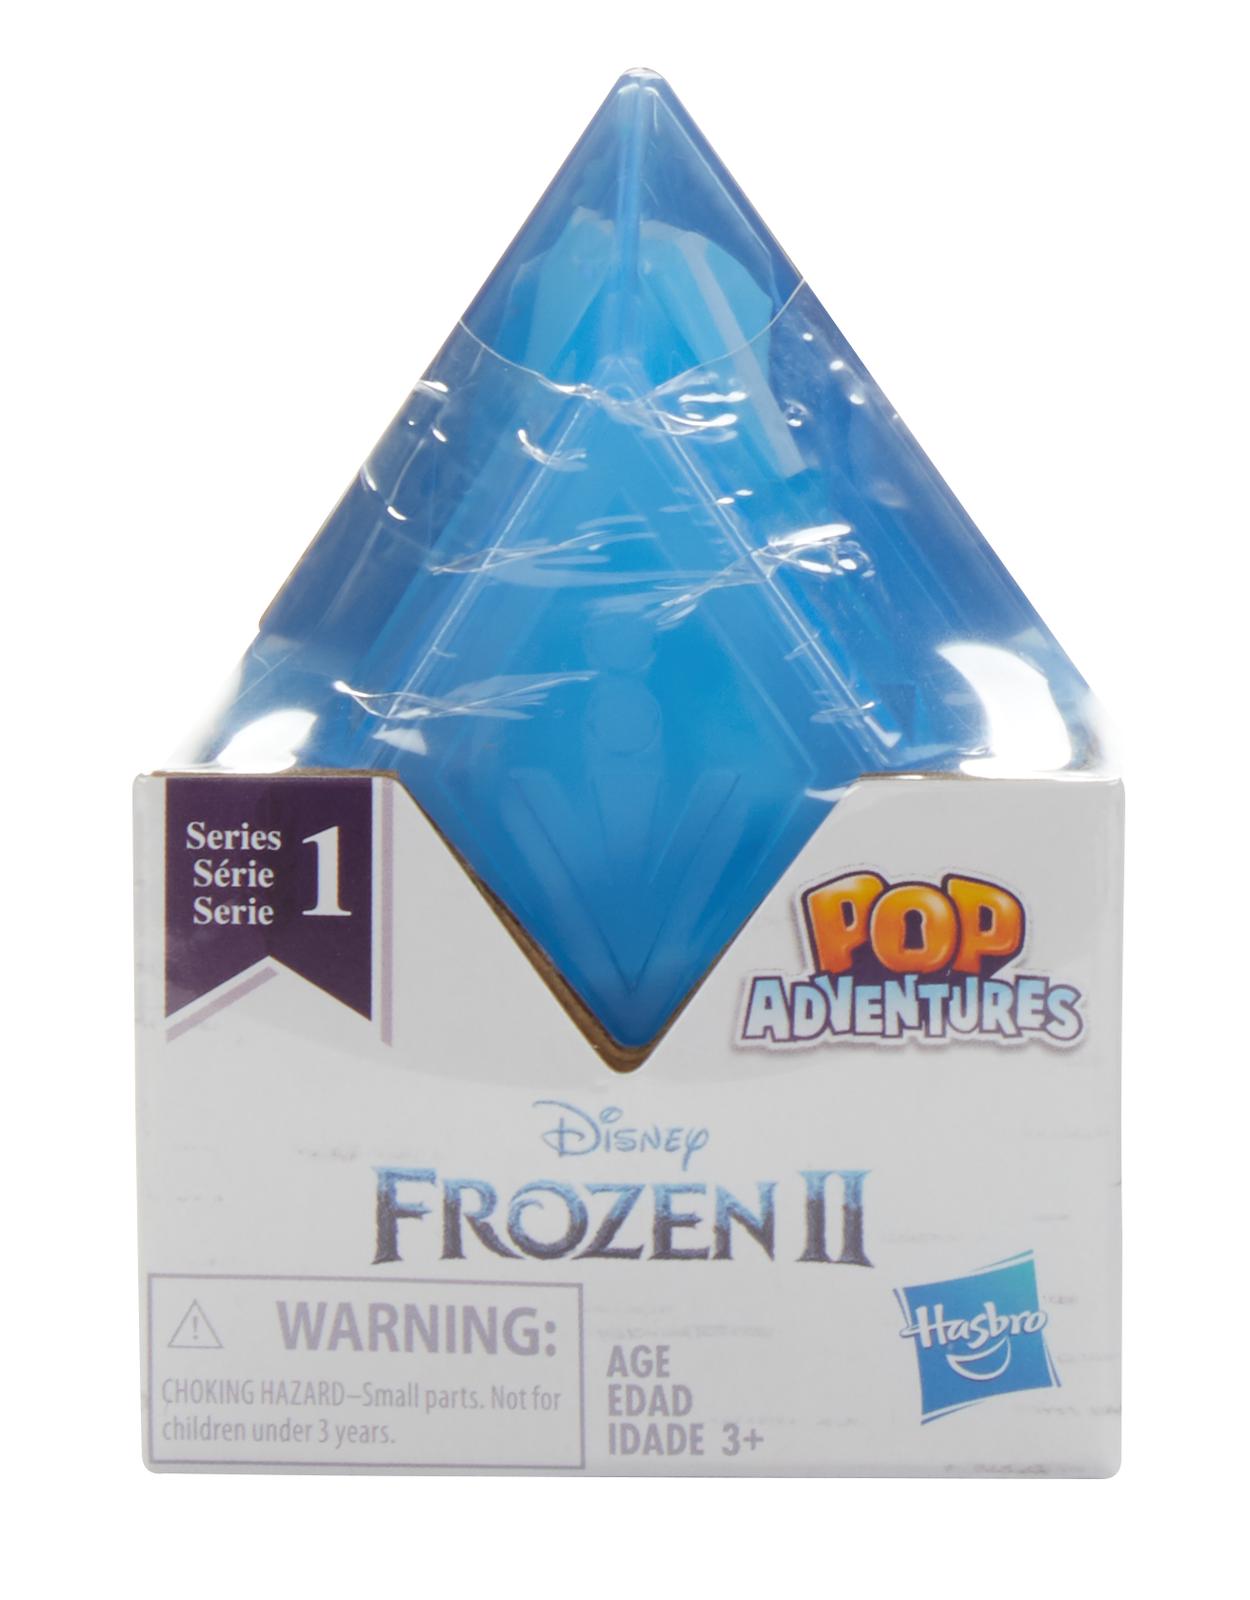 Frozen II: Pop Adventures - Surprise Doll (Blind Box) image